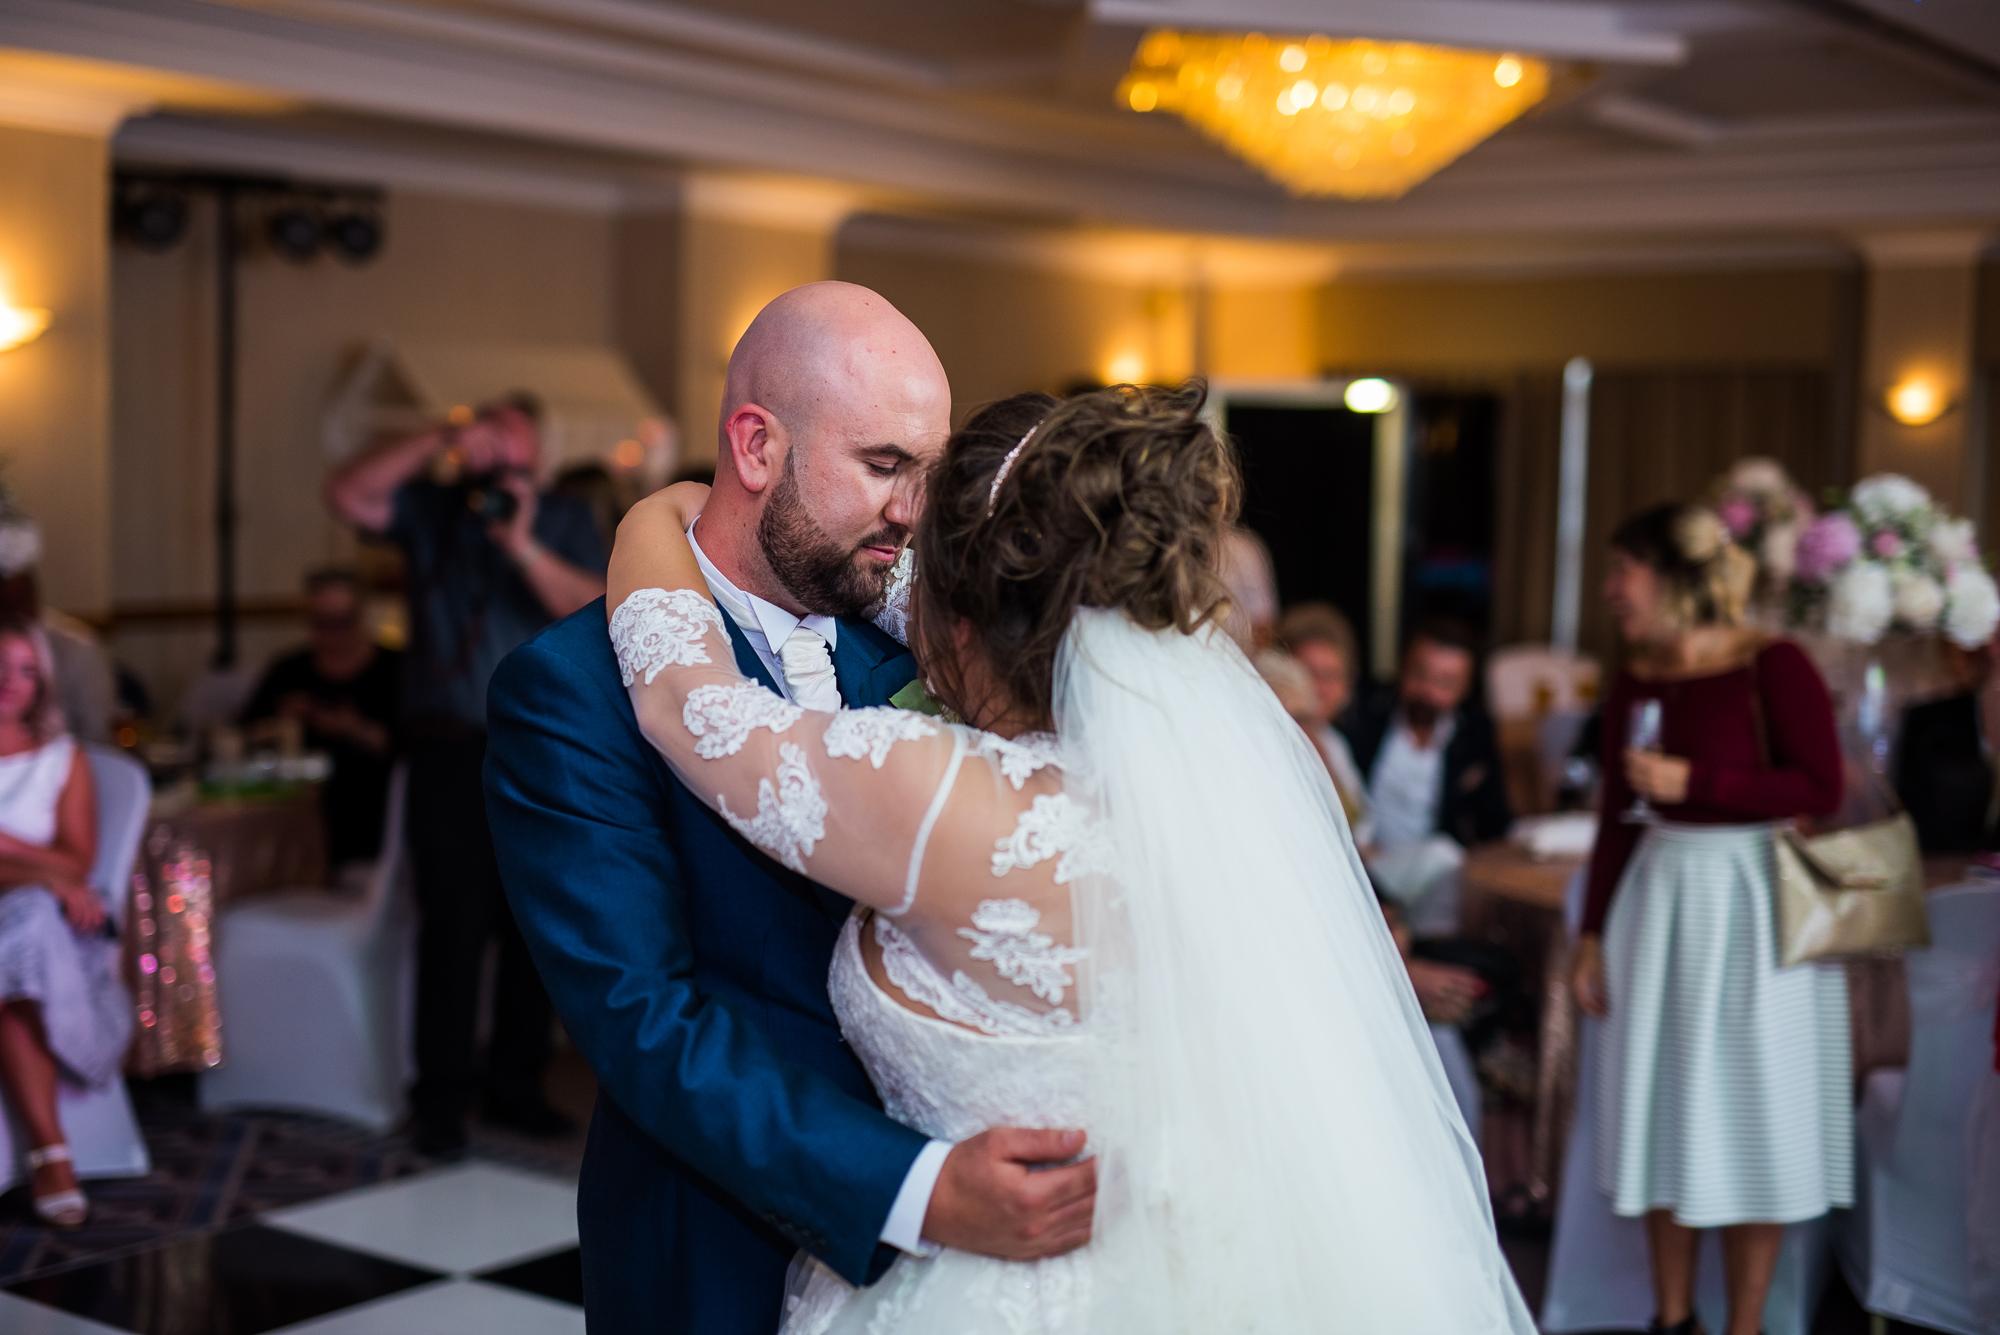 Roise and John wedding photos (363 of 383).jpg